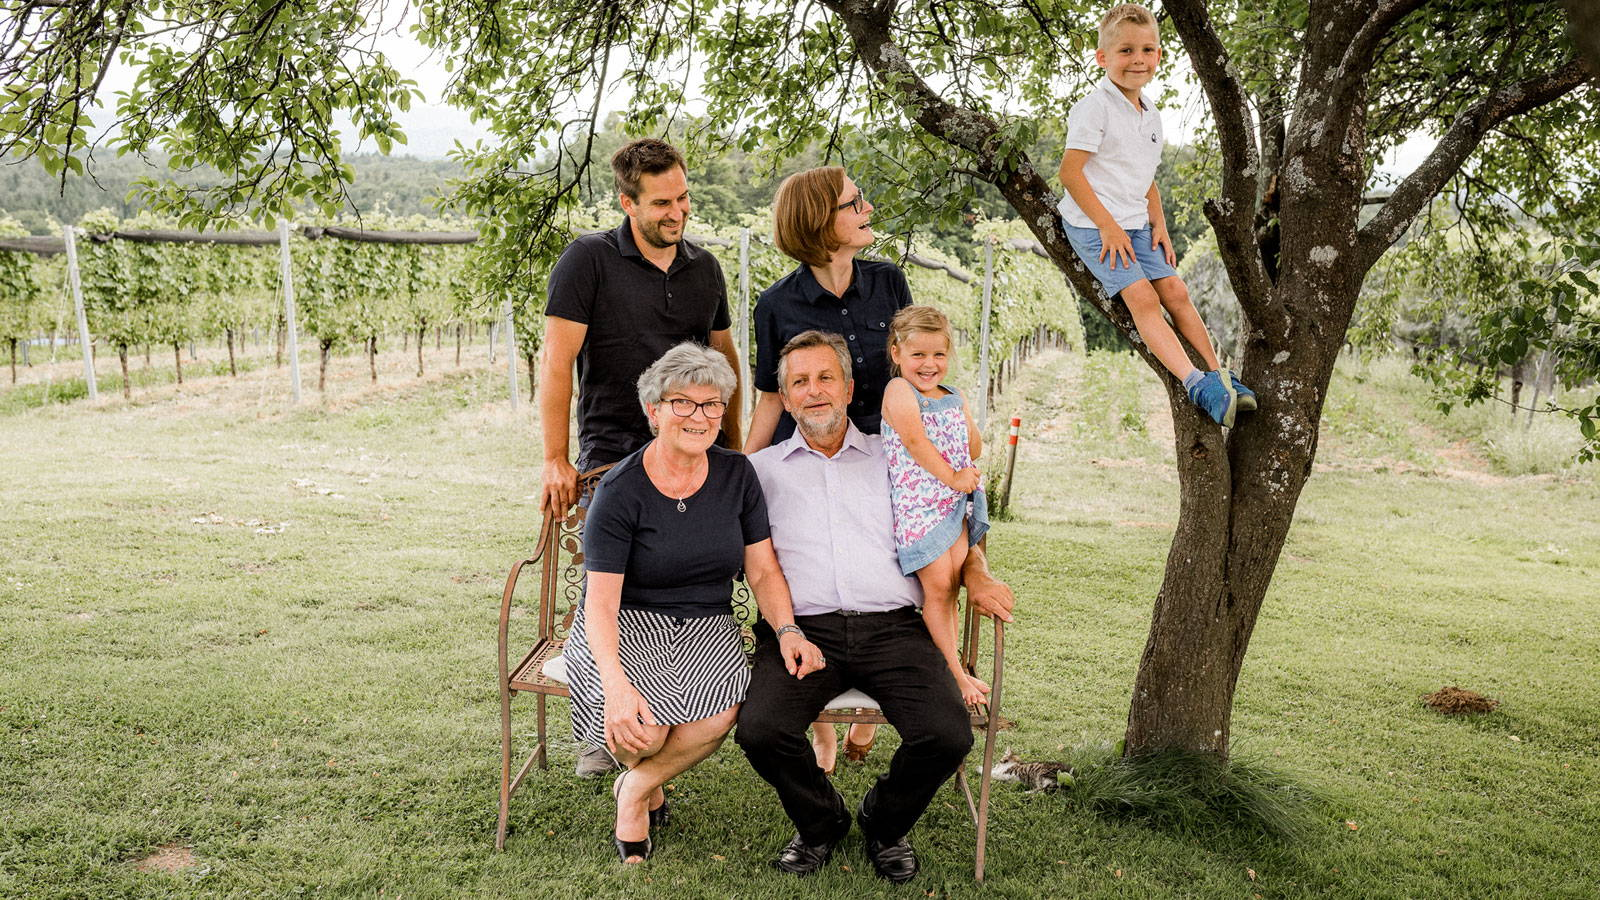 3 Generationen der Familie Trummer auf einer Bank vor dem Weingarten. Ein Bub sitzt im Baum.